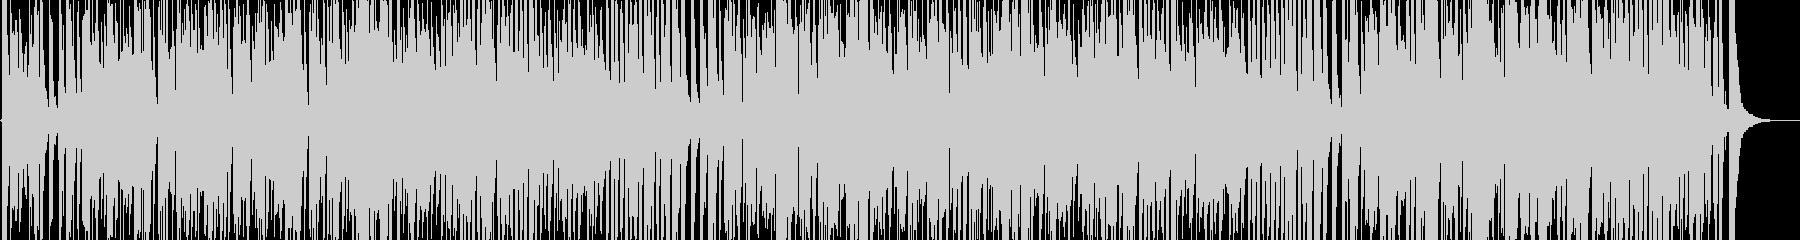 【生演奏】フルート&ブラスのXmas曲の未再生の波形